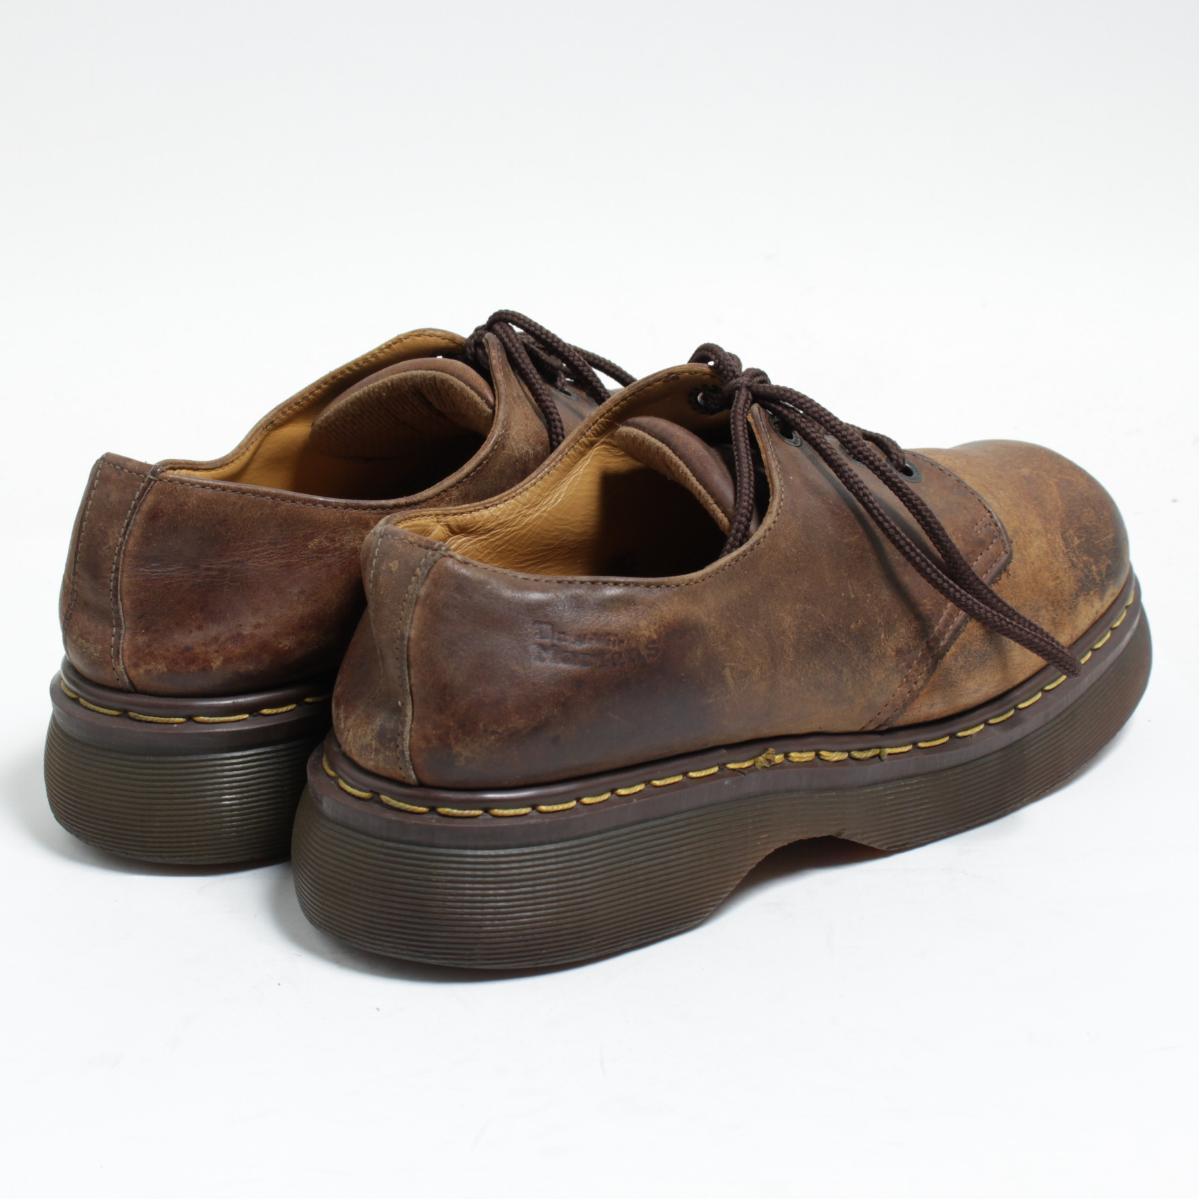 UK9 men 27.5cm /bom0672 made in the doctor Martin Dr.Martens 4 hall shoes U.K.